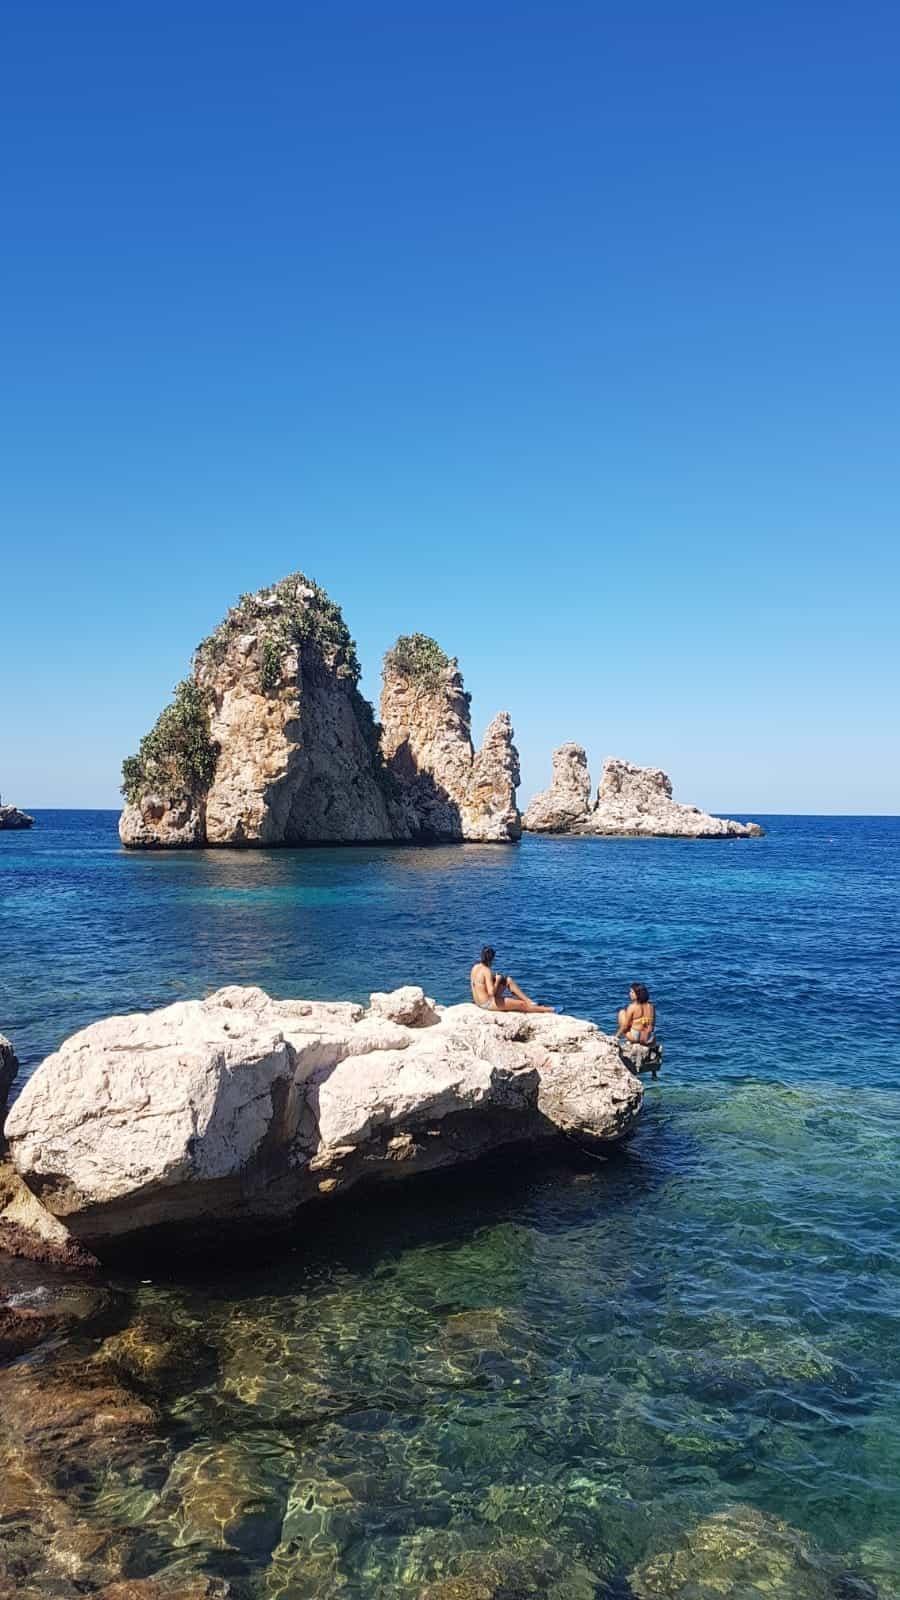 Scopello in Sicily